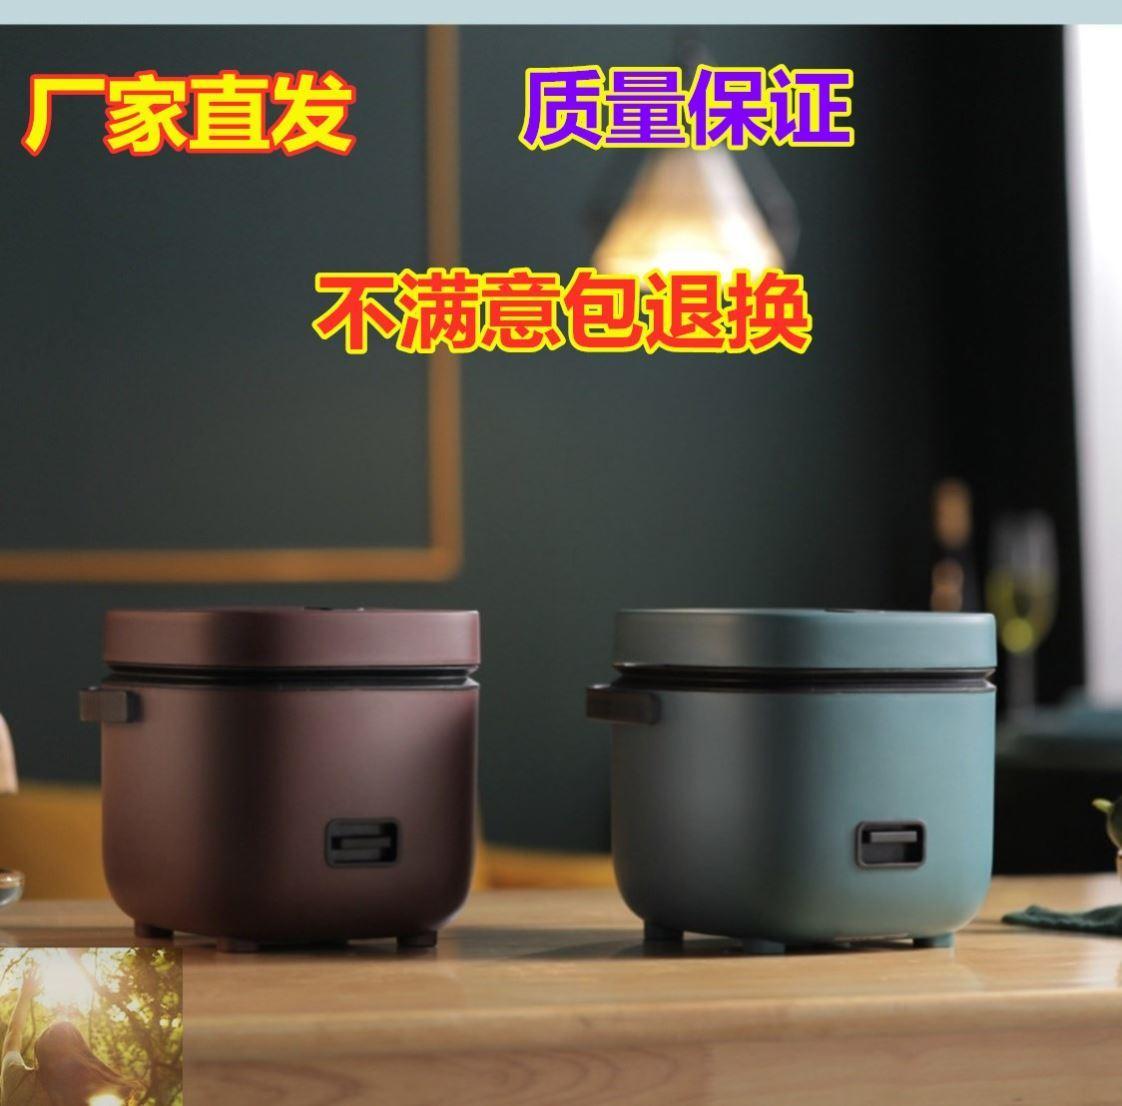 迷你电饭煲小型1-2人电饭锅家用单人厨房小家电器一件礼品 高贵白